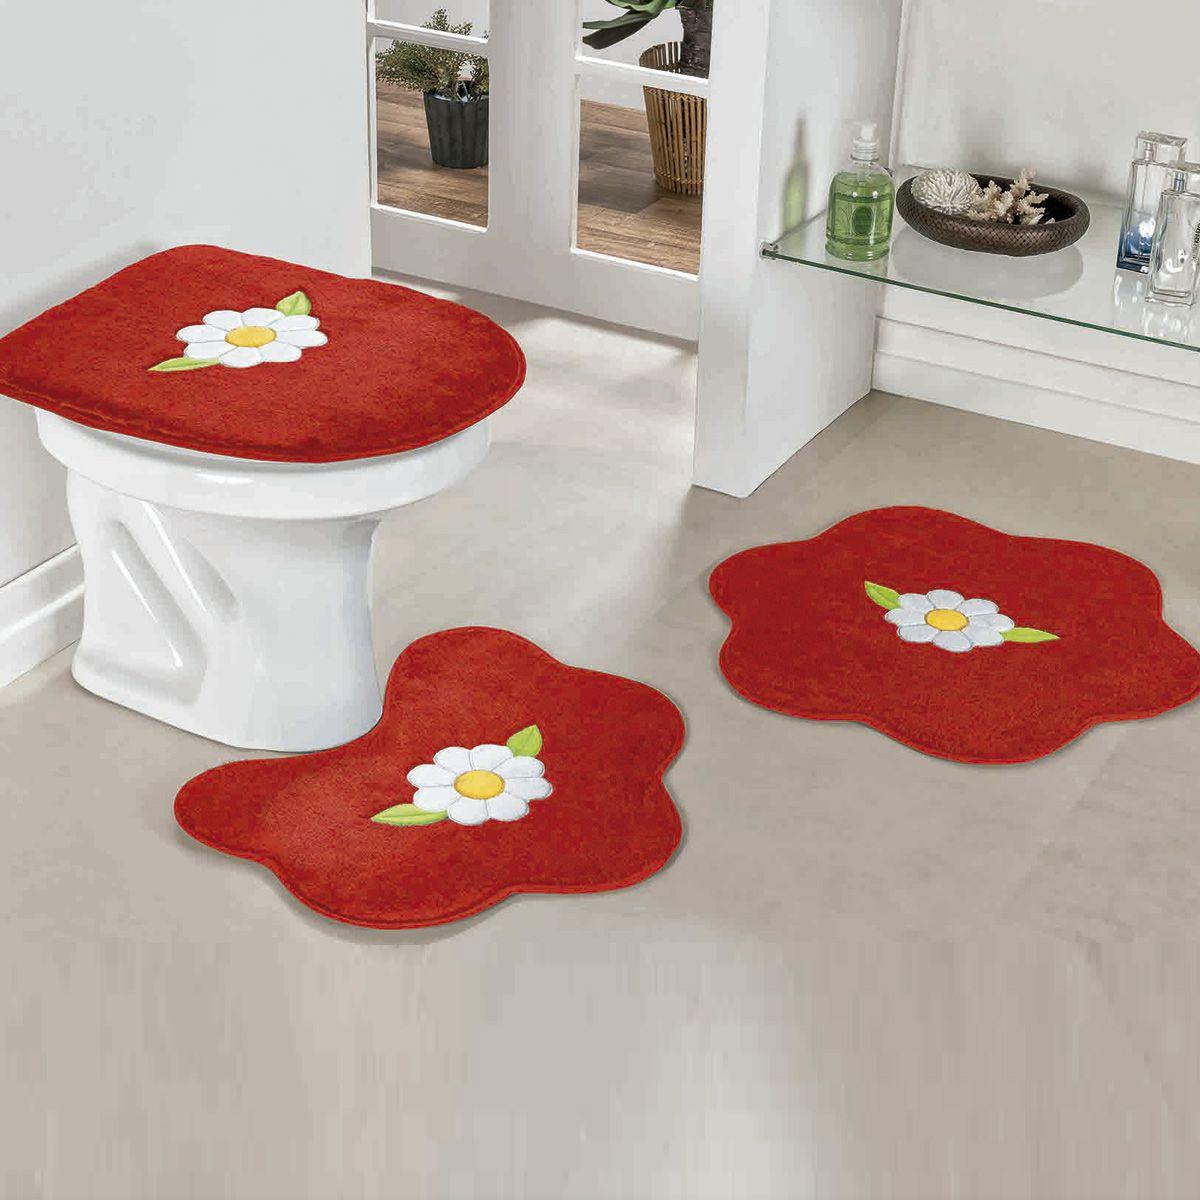 Jogo de Banheiro Premium Formato Margarida Folha Vermelho 03 Peças